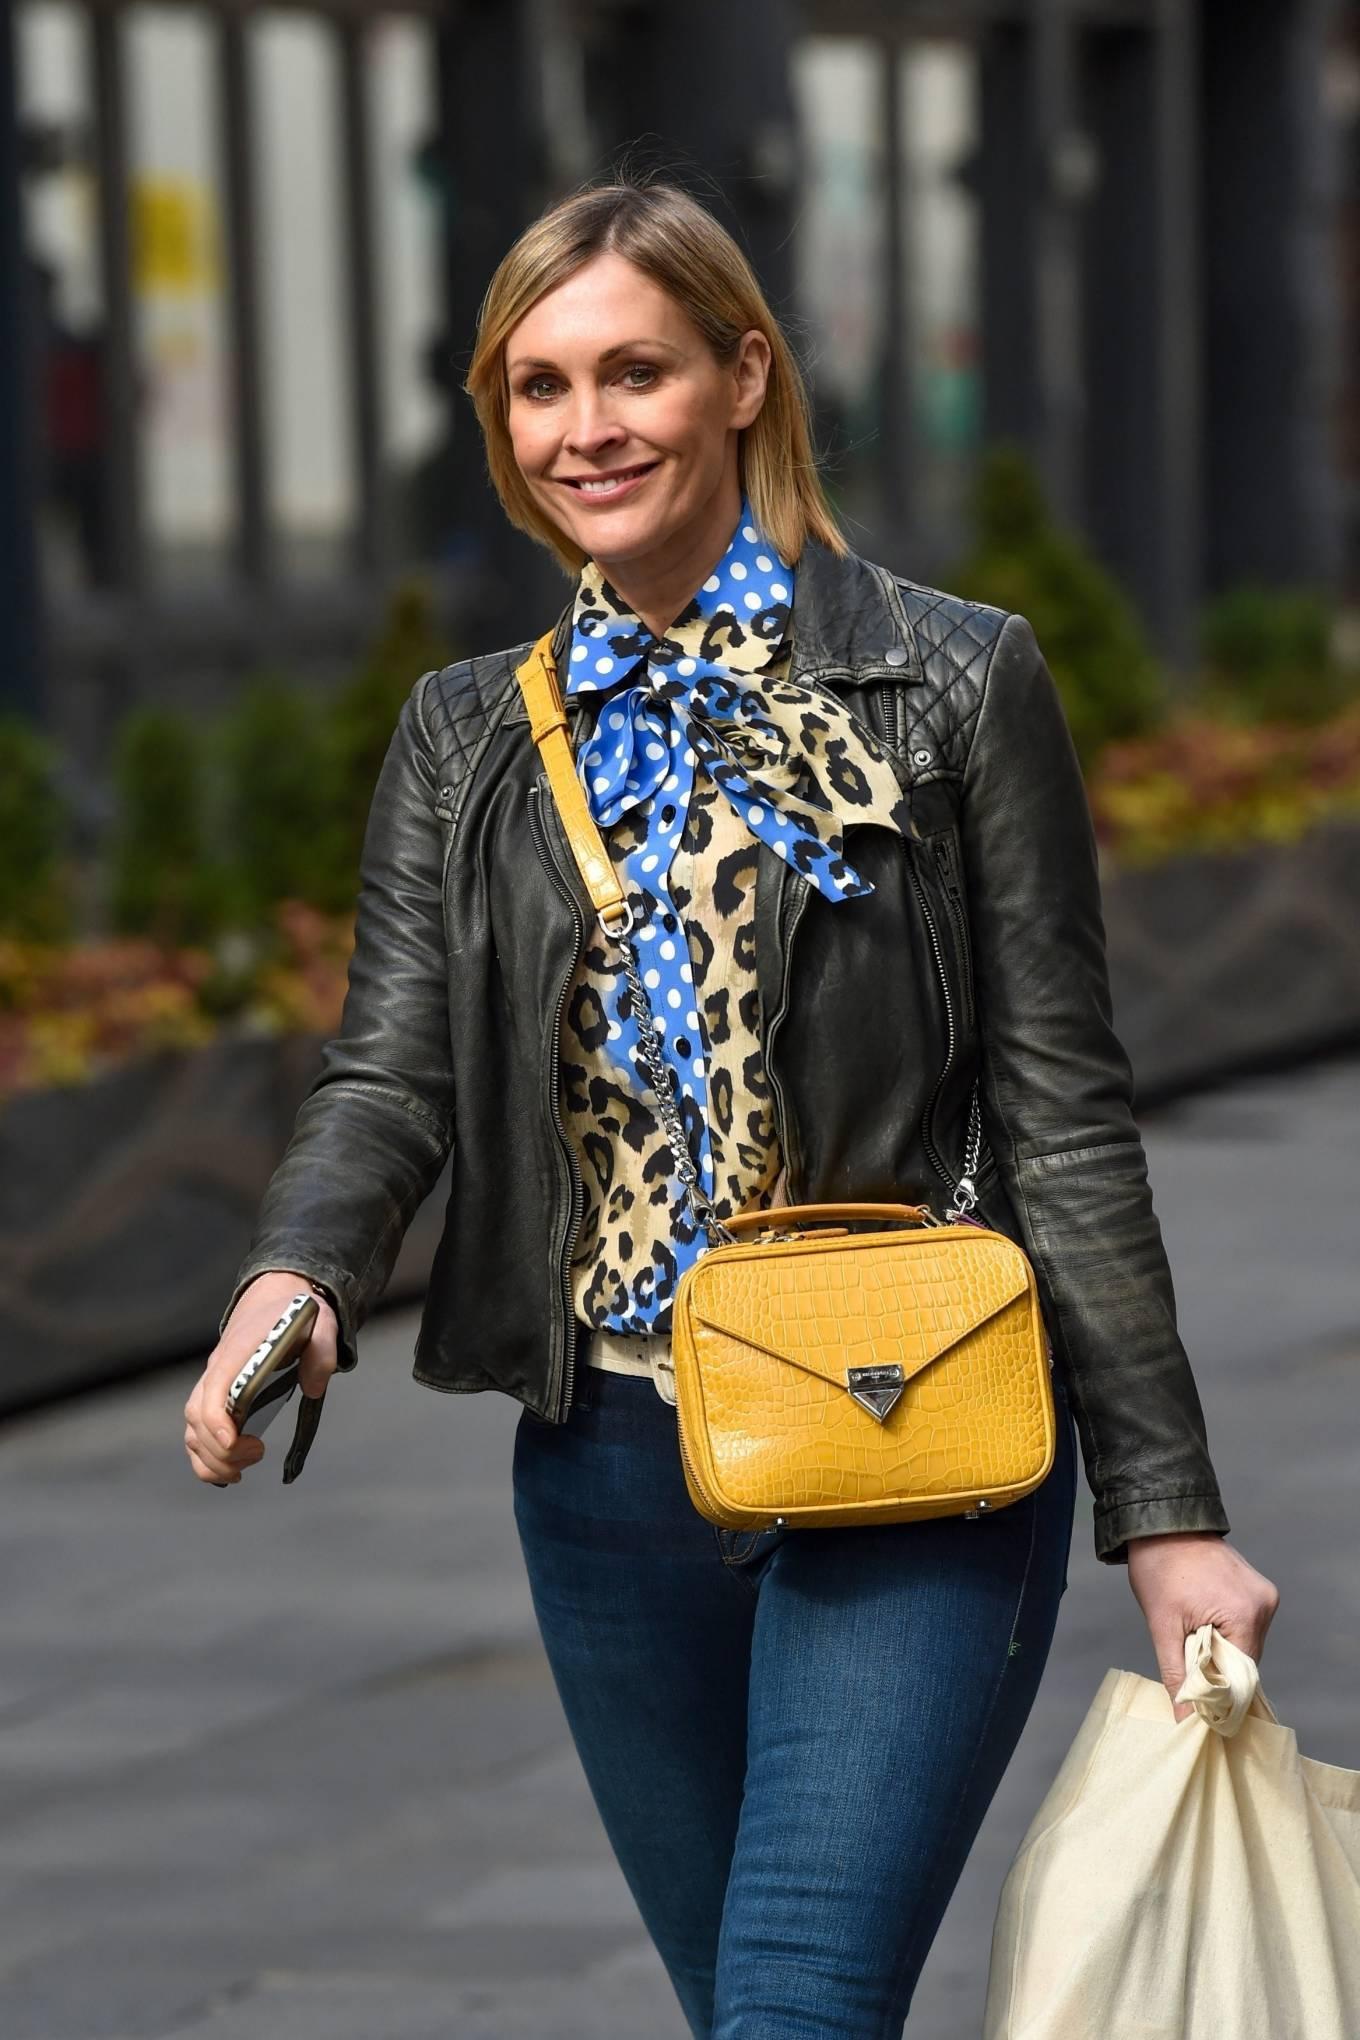 Jenni Falconer 2021 : Jenni Falconer – Pictured leaving the Global studios -01